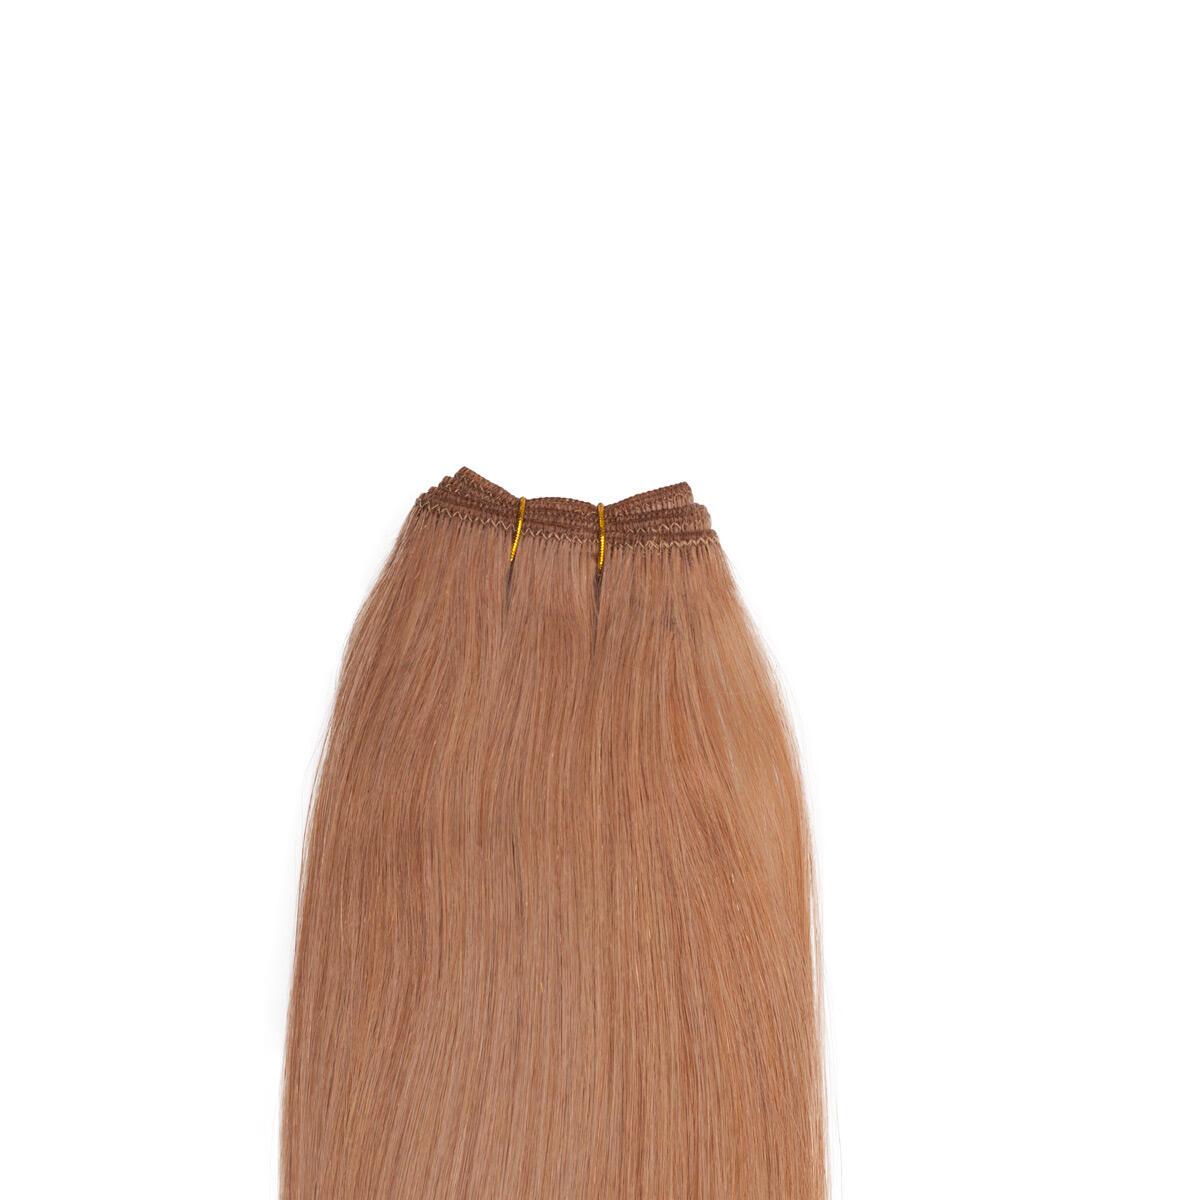 Hair Weft 7.4 Medium Golden Blonde 50 cm